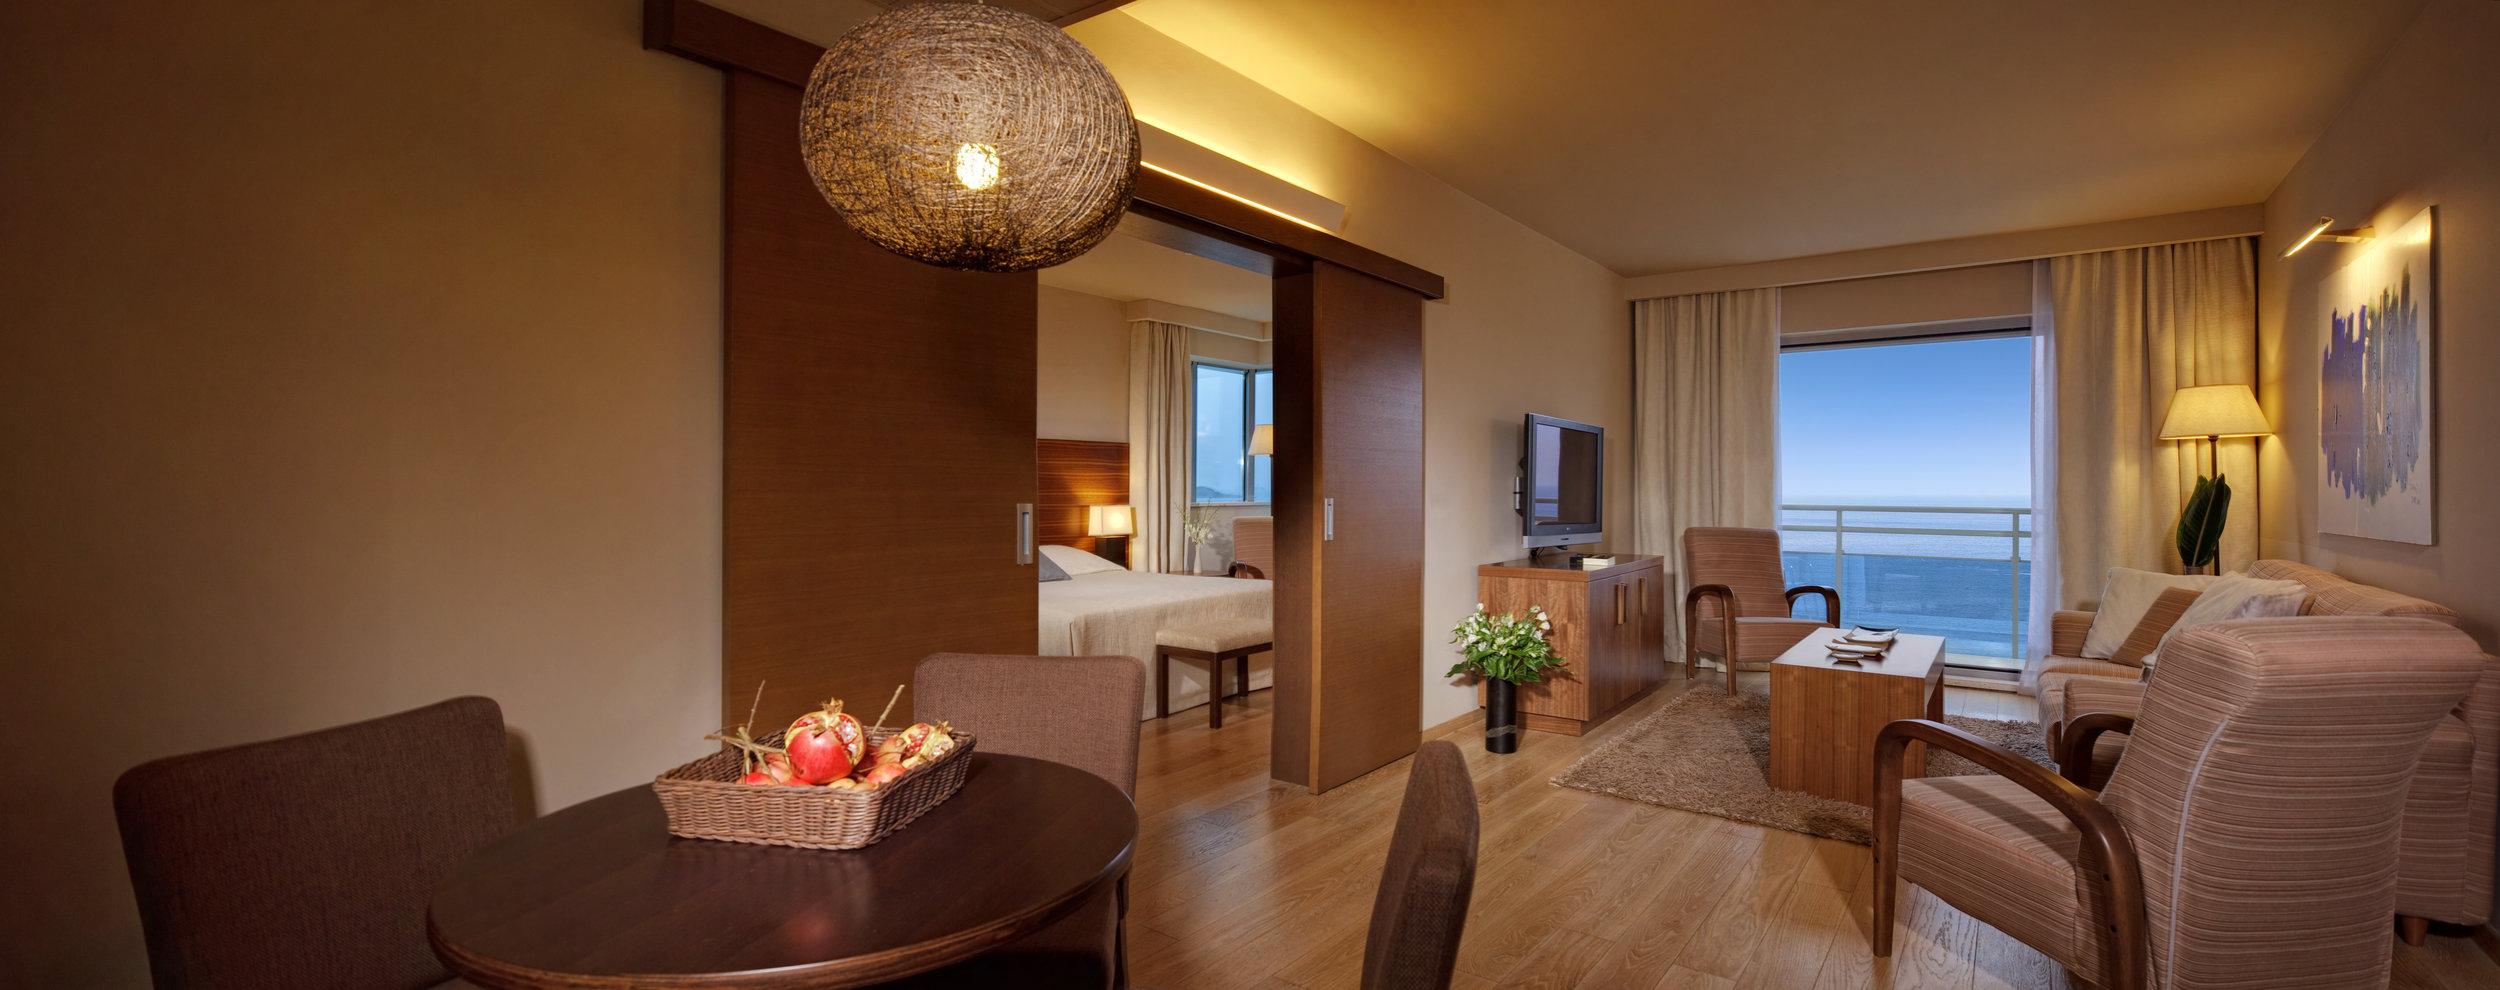 ALH Bellevue deluxe suite.jpg